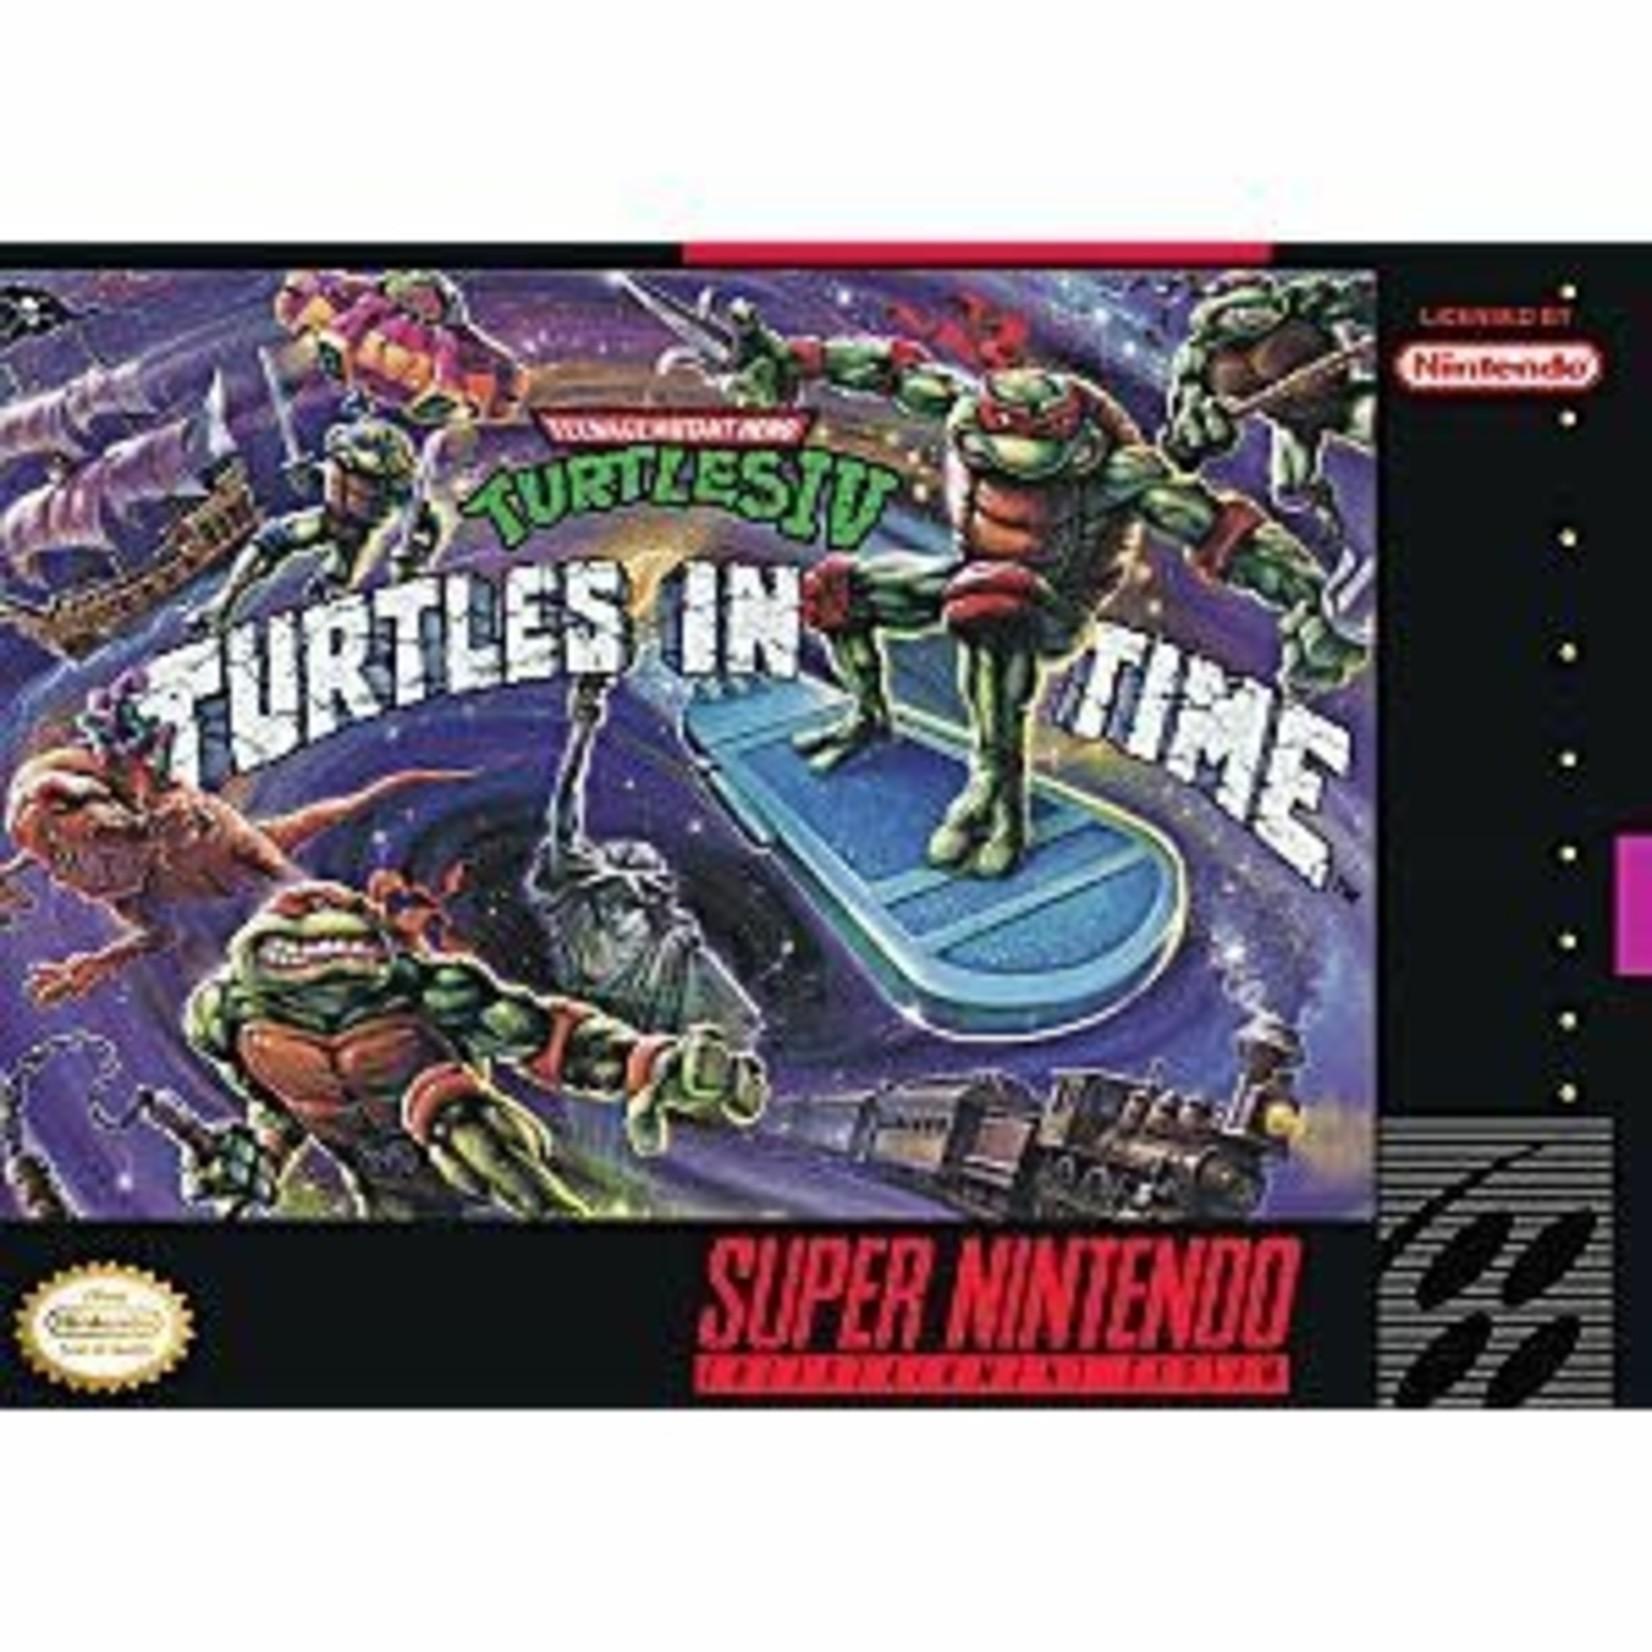 SNESu-Teenage Mutant Ninja Turtles IV Turtles in Time (cartridge)